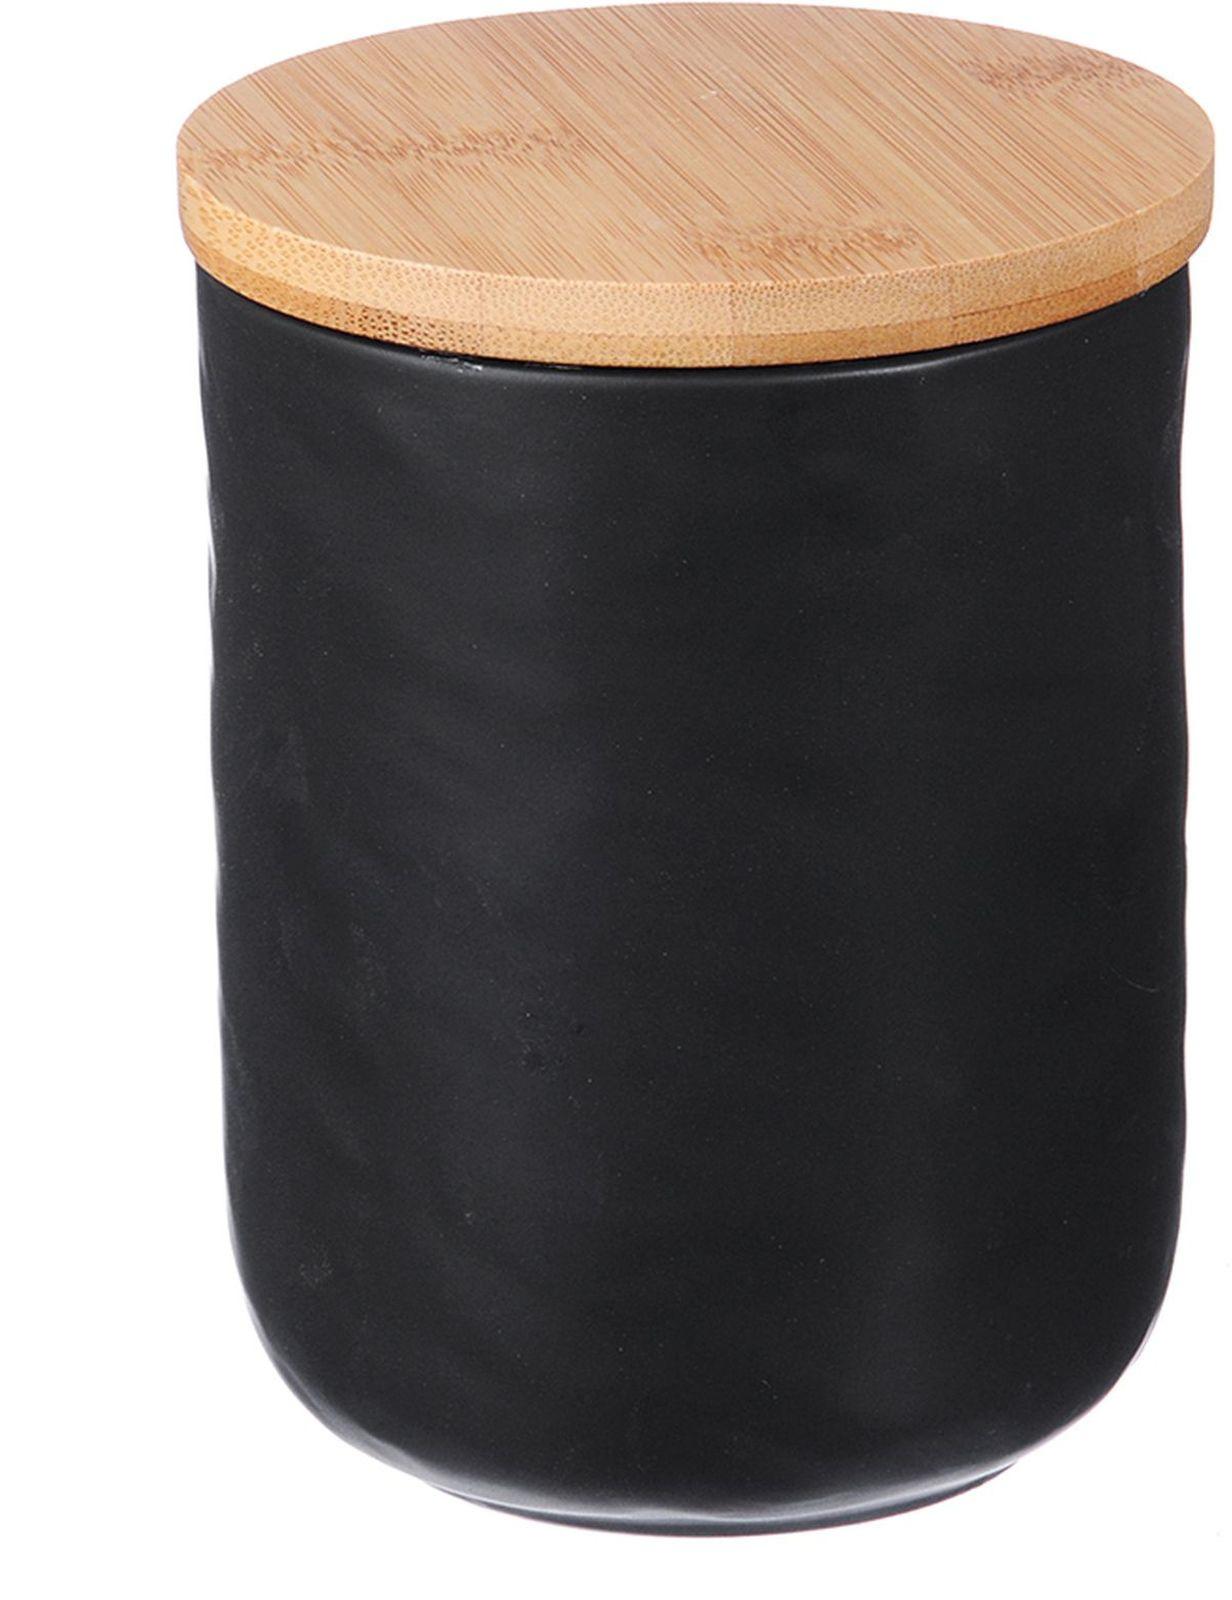 Банка для сыпучих продуктов Millimi Черный бархат, 10,5 х 13,5 см